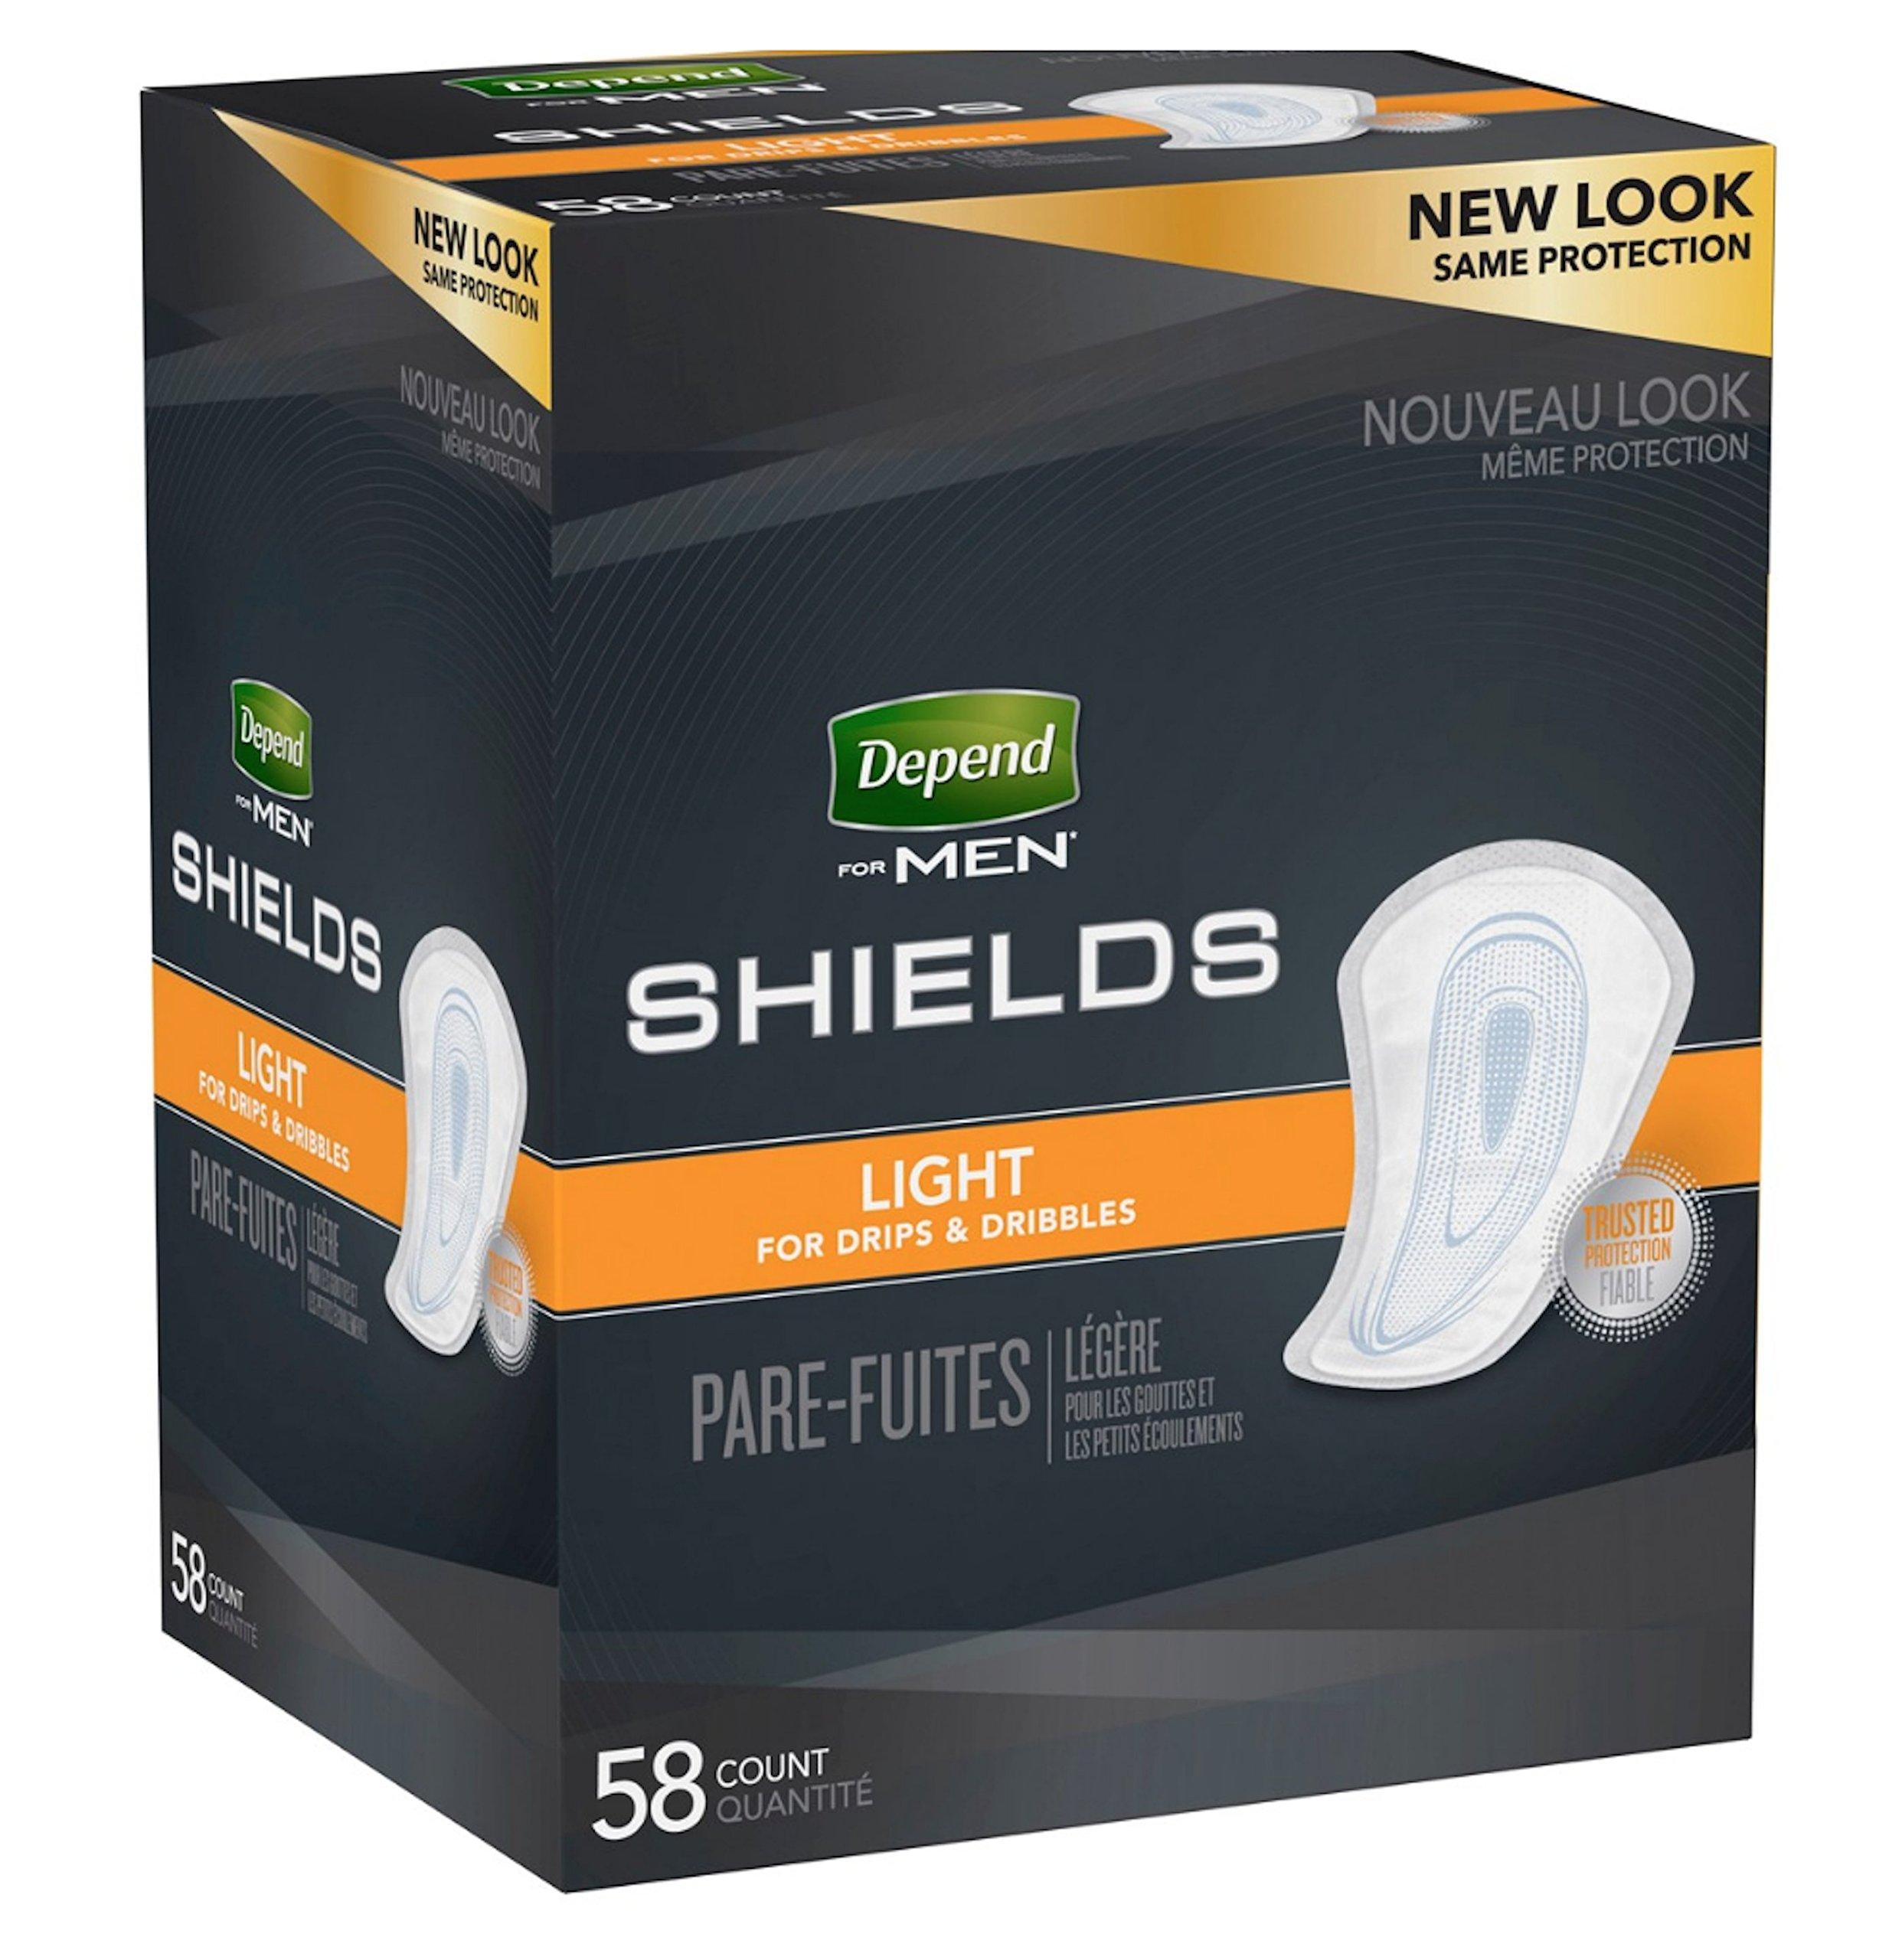 Light Men's Shields - Men's Pads